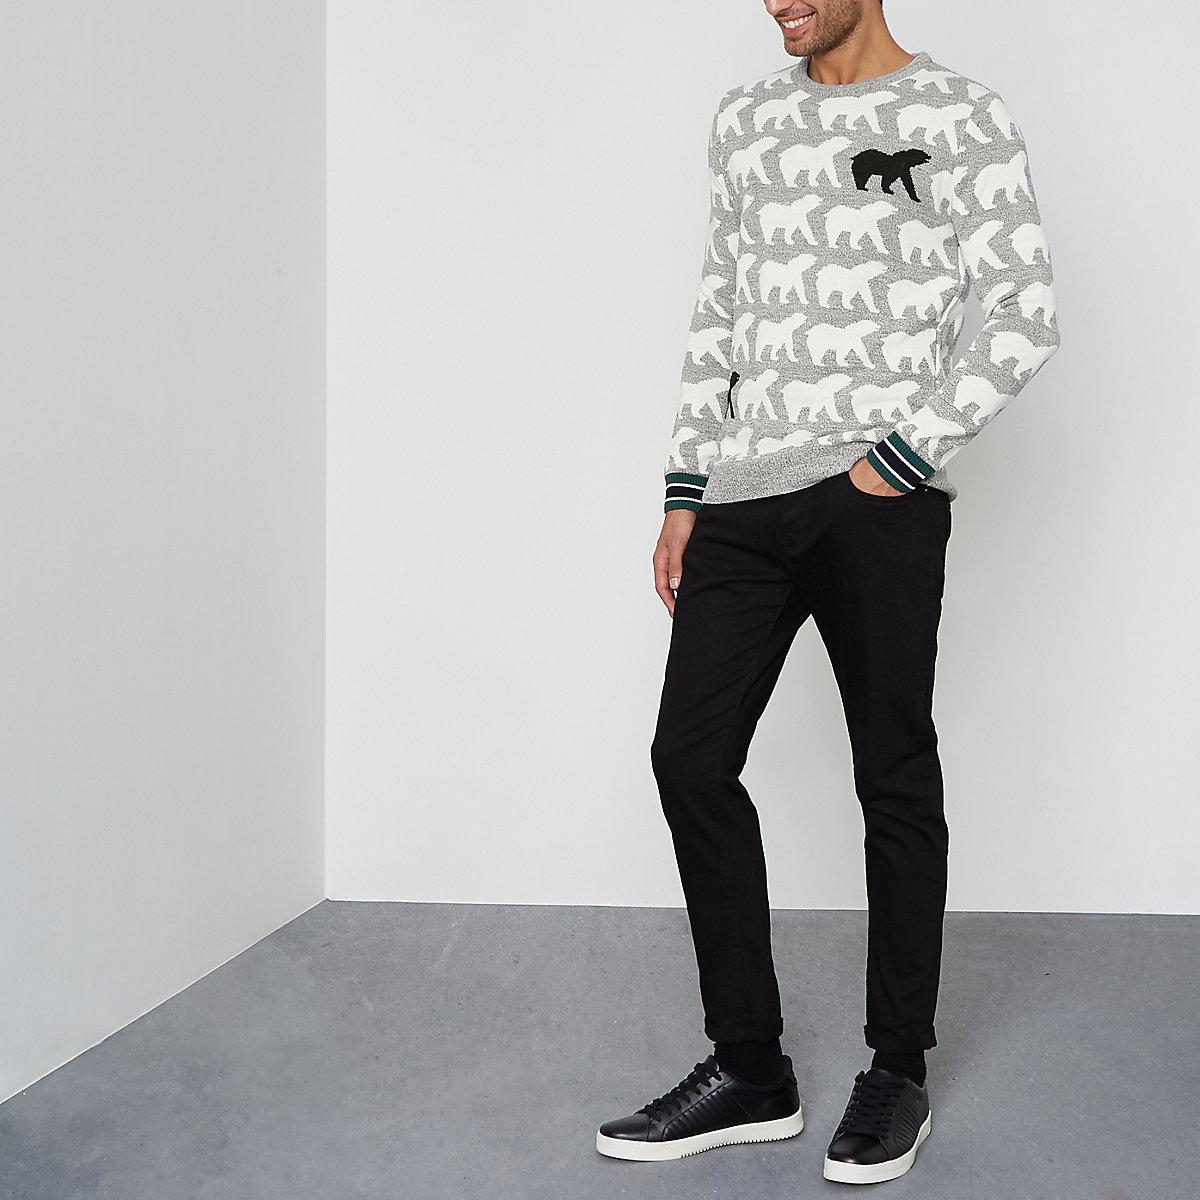 Gebreide Kersttrui.Grijze Gebreide Kersttrui Met Ijsbeer Pullovers Pullovers